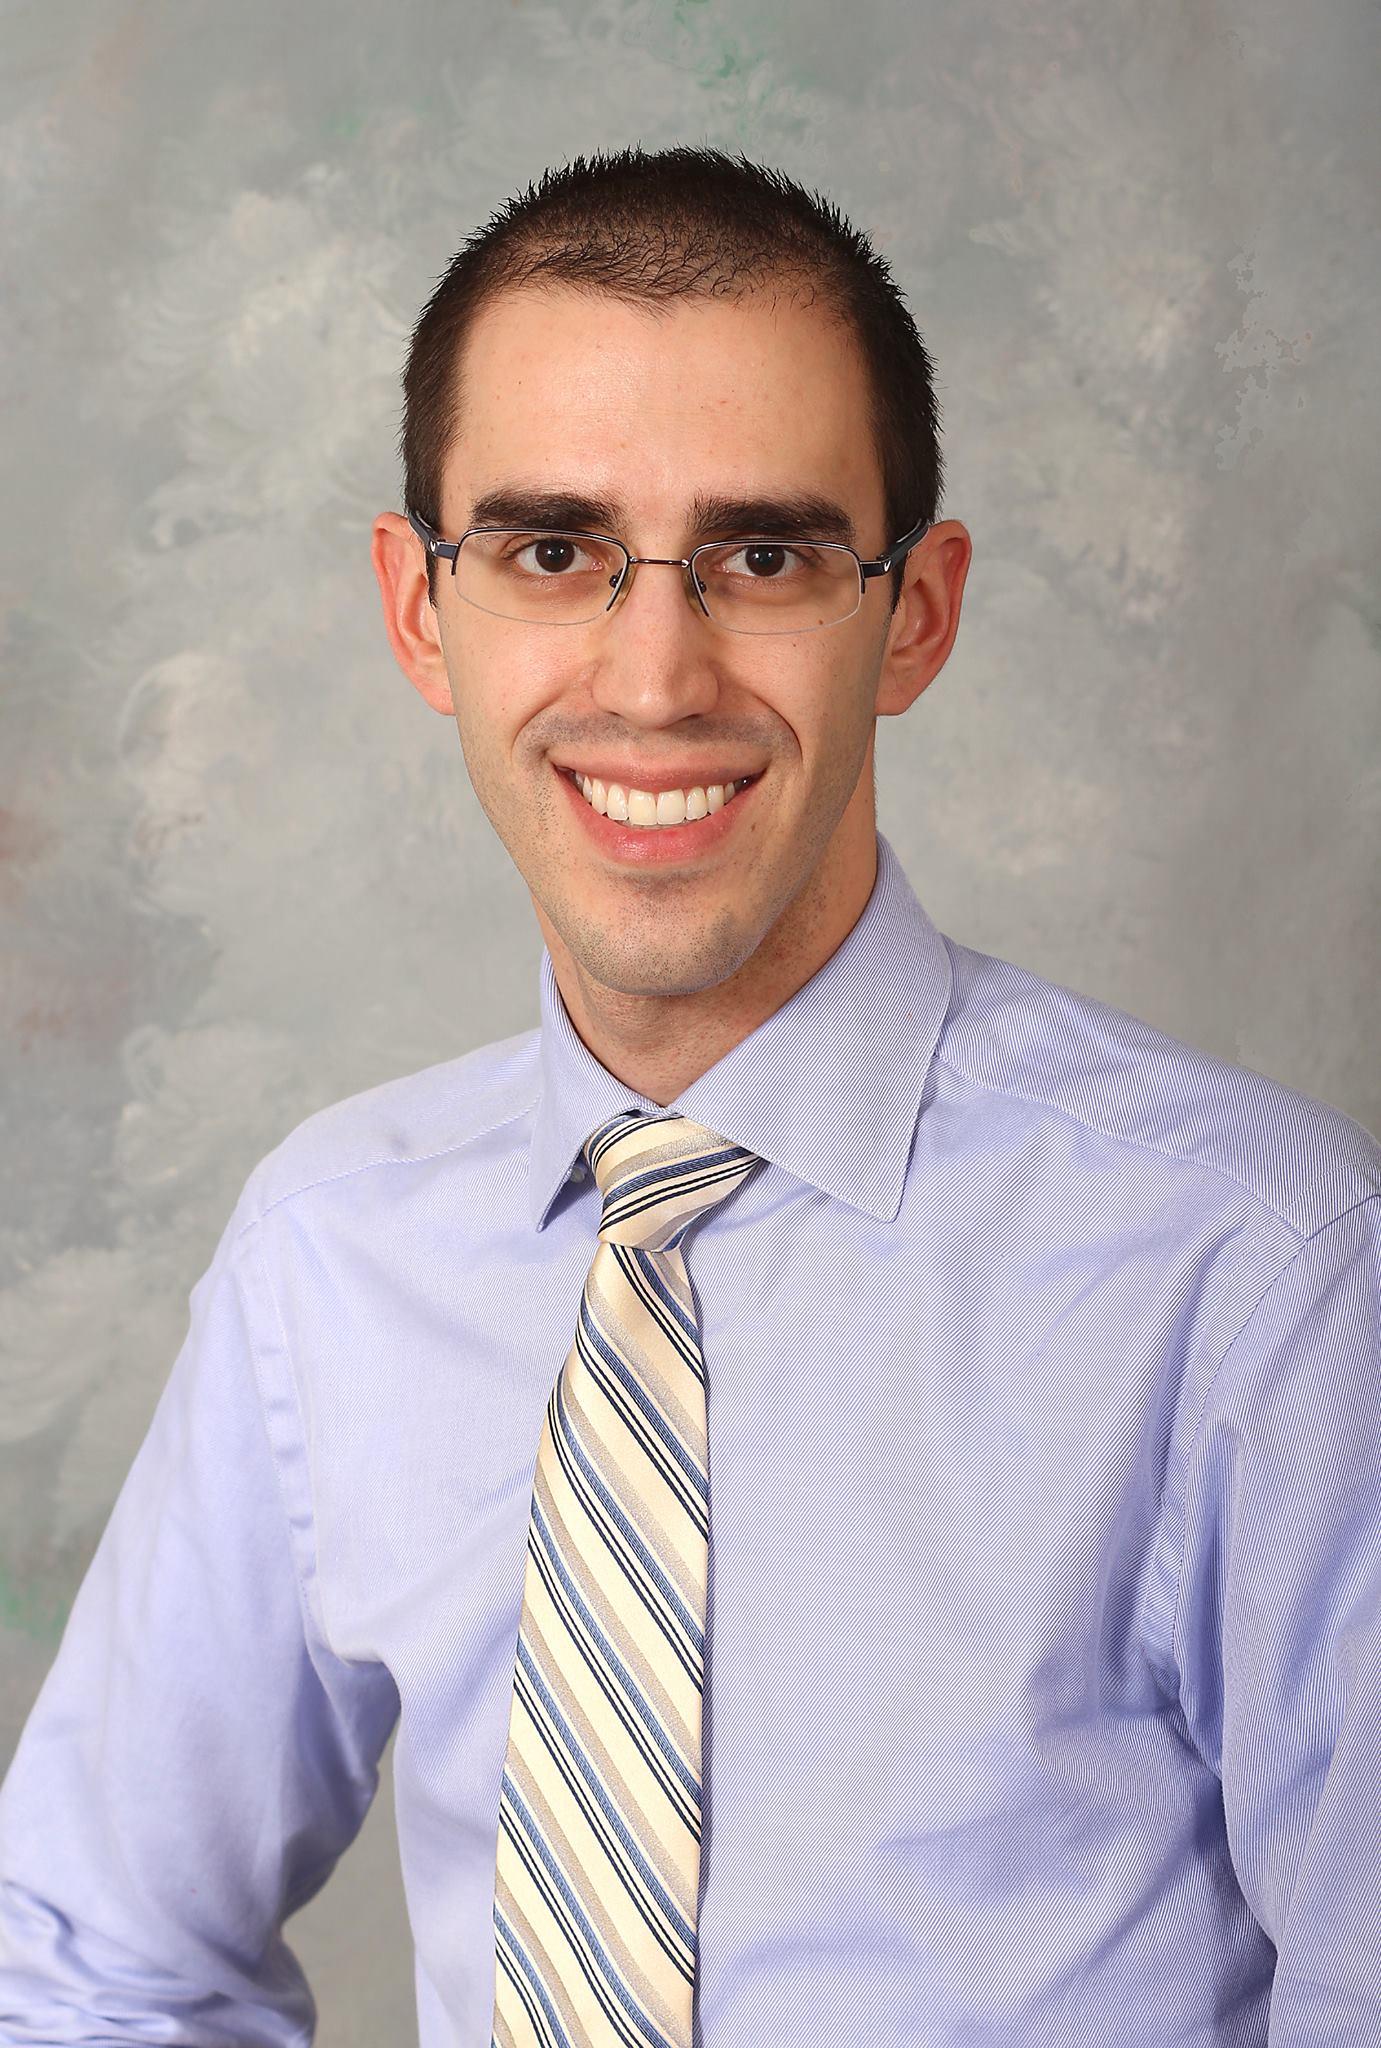 Filip Ambrosio Dds Ms Western New York Dental